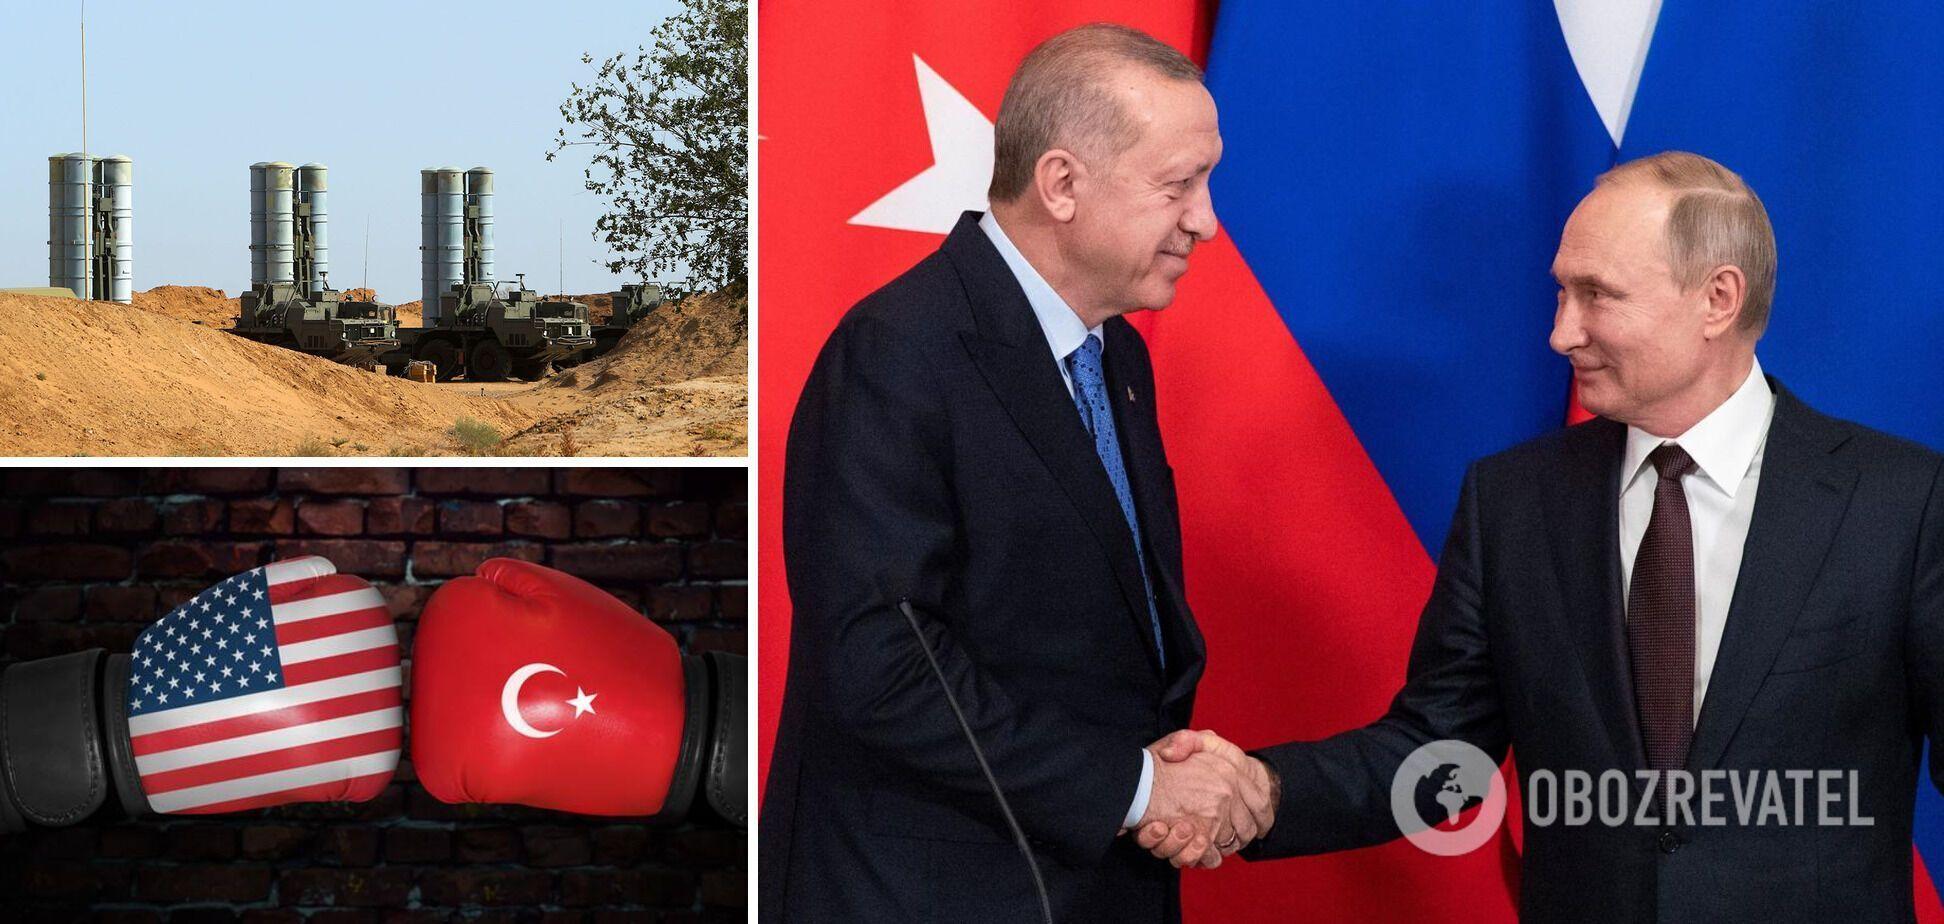 Турция намеревалась купить вторую партию C-400 в России